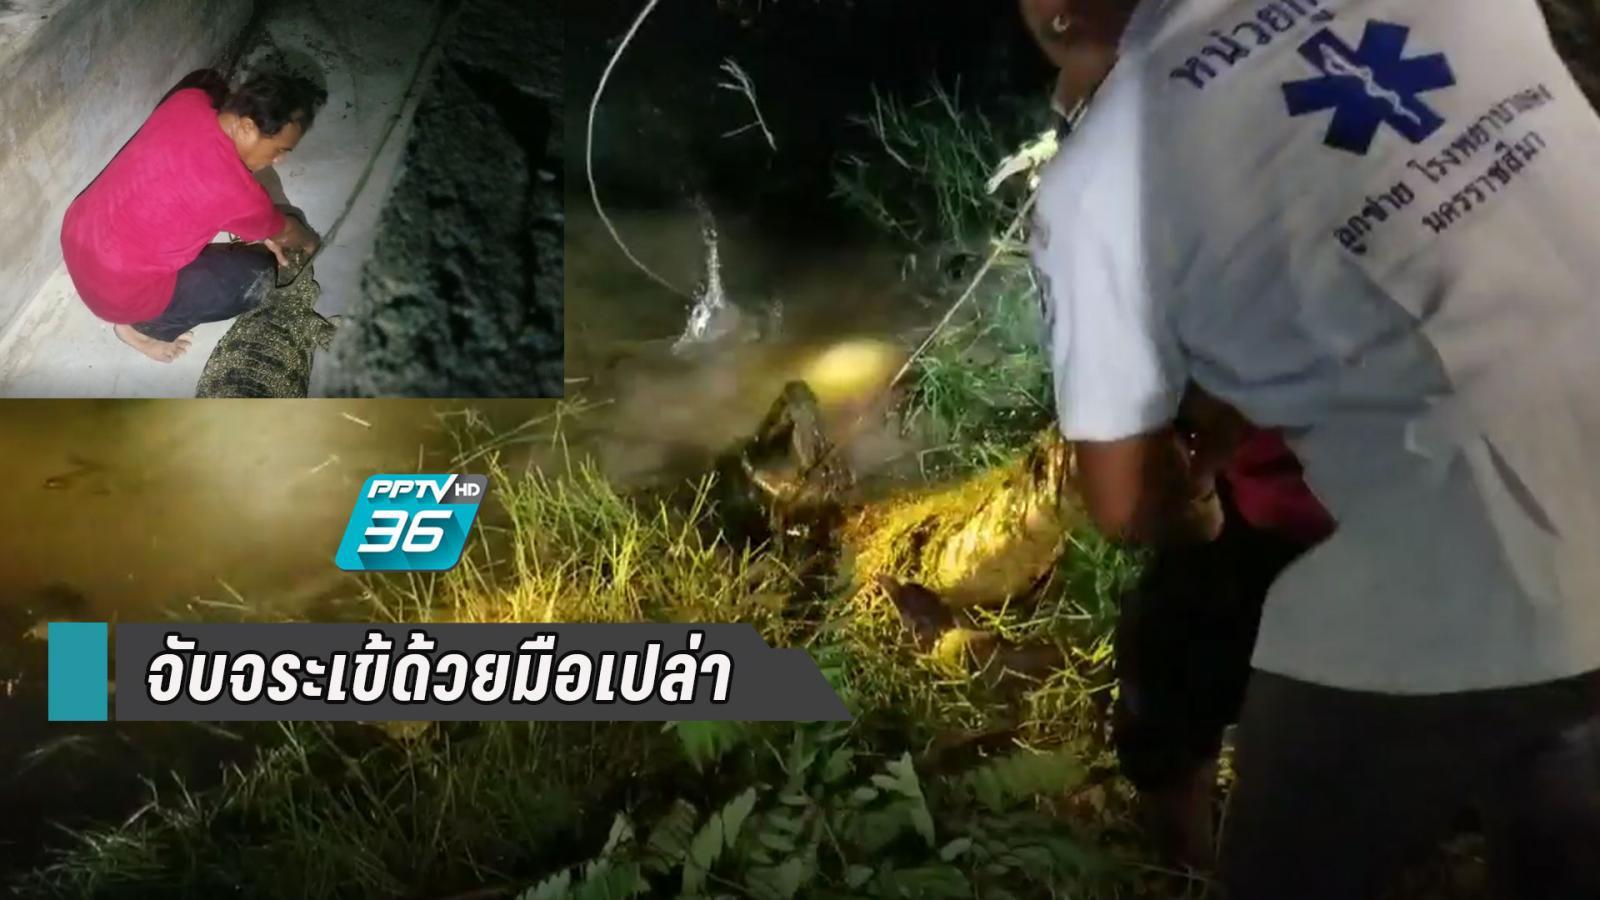 กู้ภัยสวมบทไกรทอง ใช้มือเปล่าดึงหางจระเข้ขึ้นมาจากน้ำ